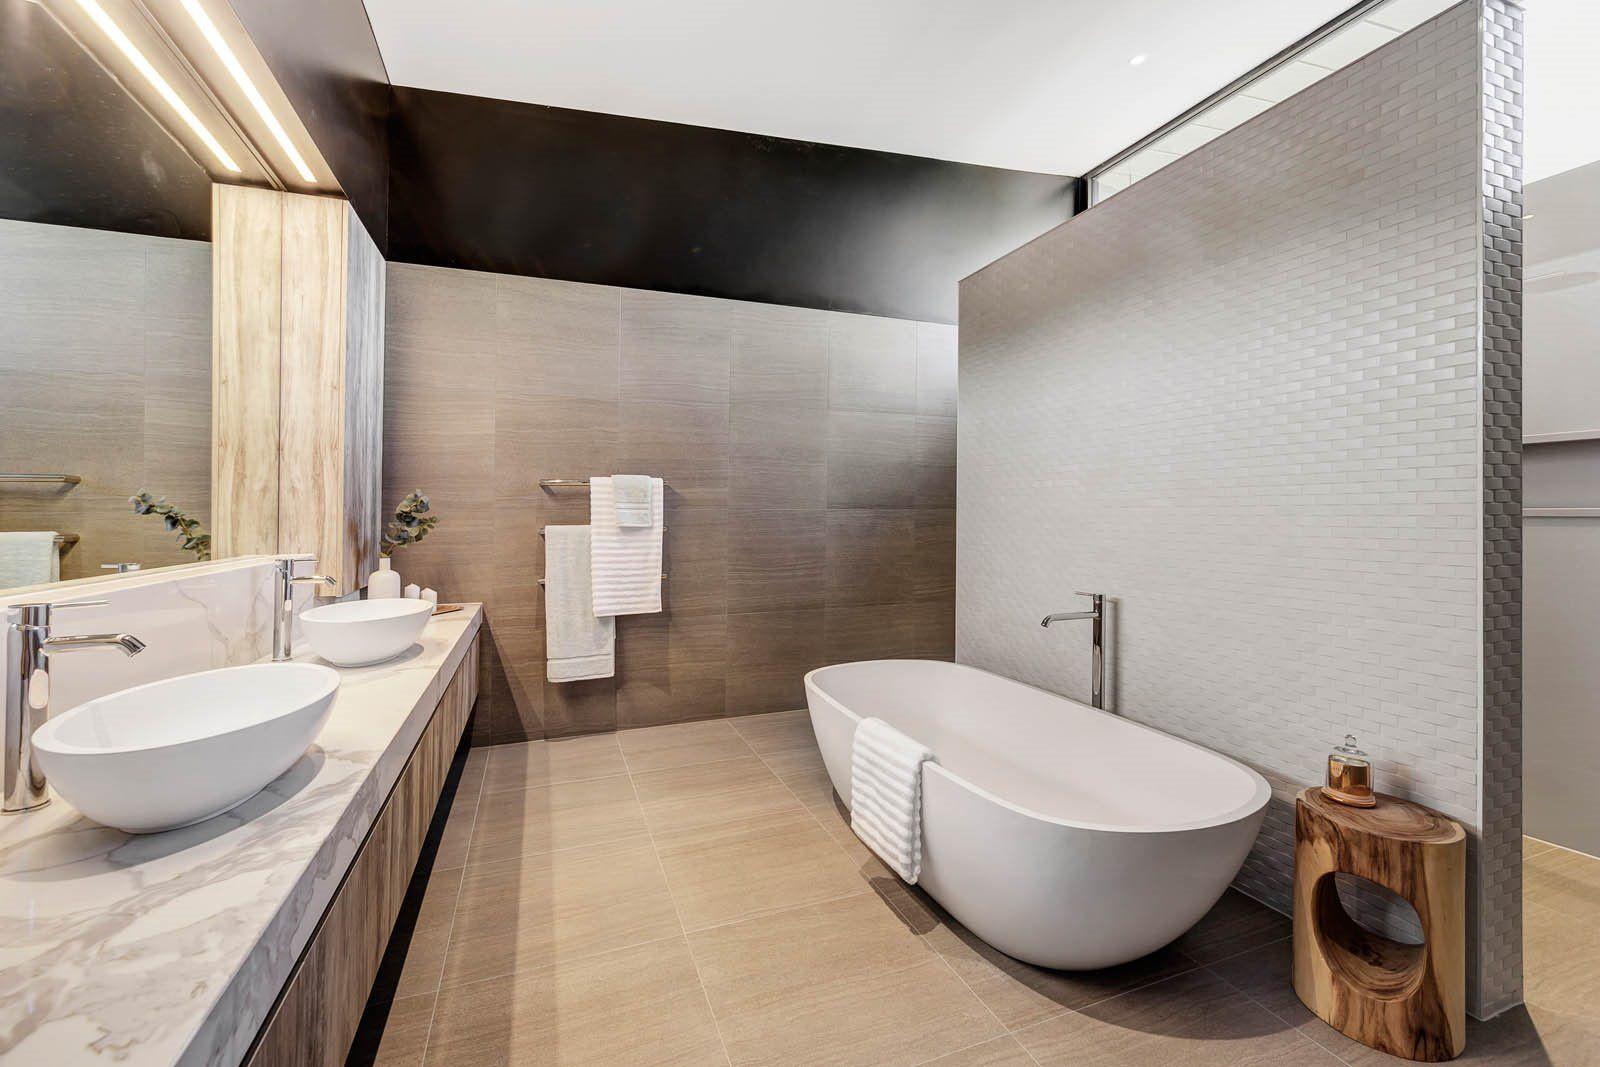 Decoración de interiores para el baño de estilo minimalista y colores neutros